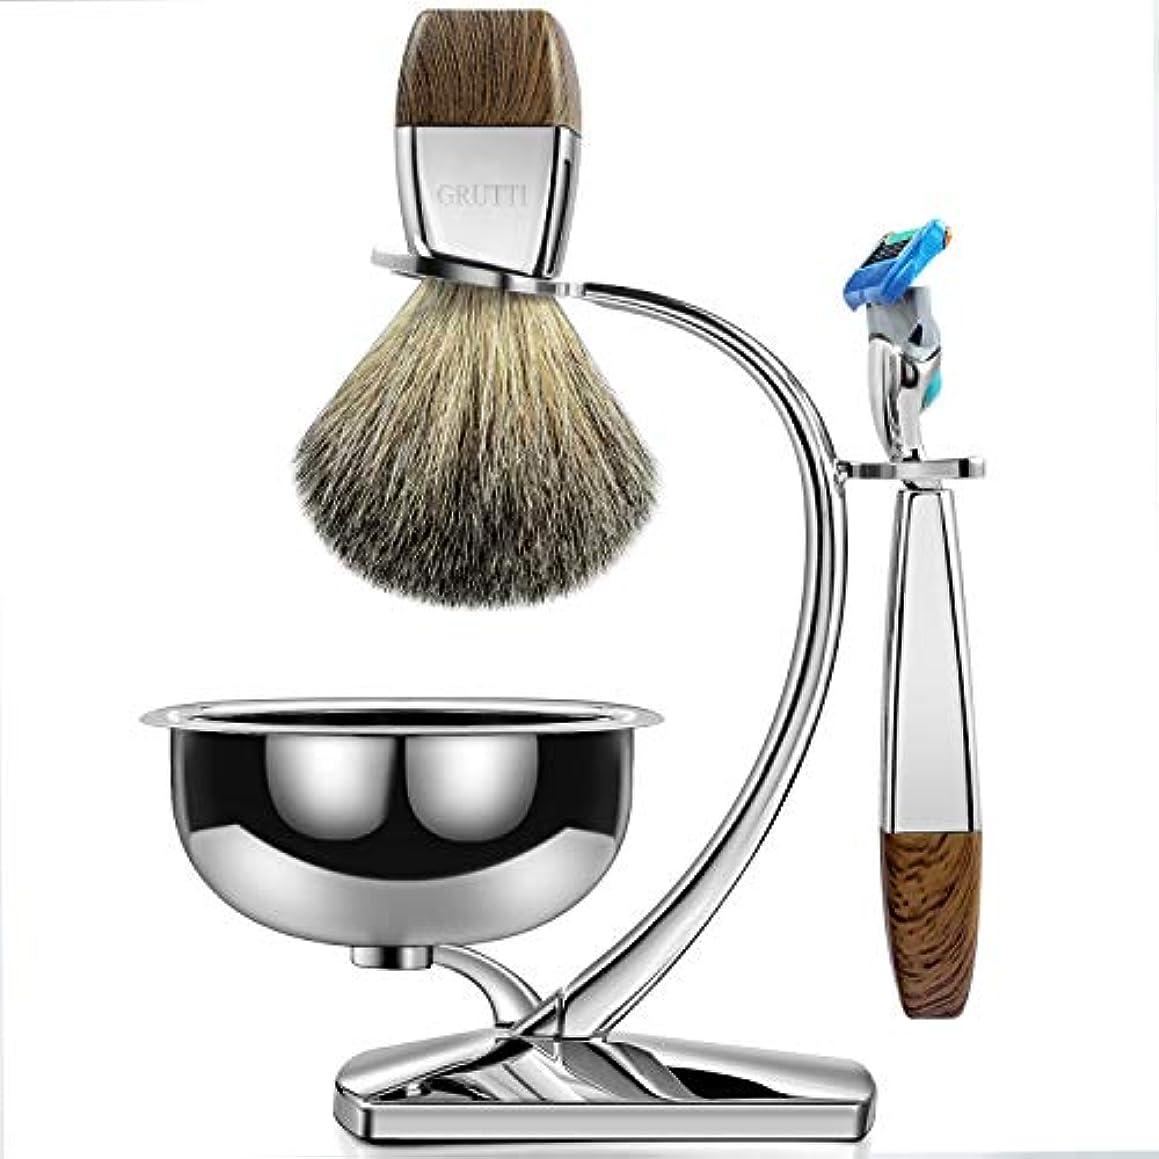 シネマ憤る甥GRUTTI かみそりスタンド カミソリシェービングブラシスタンド 用 スタンド ホルダー ラック 洗顔 髭剃りメンズシェーバー シェービング用アクセサリー (ジレットフュージョン5)